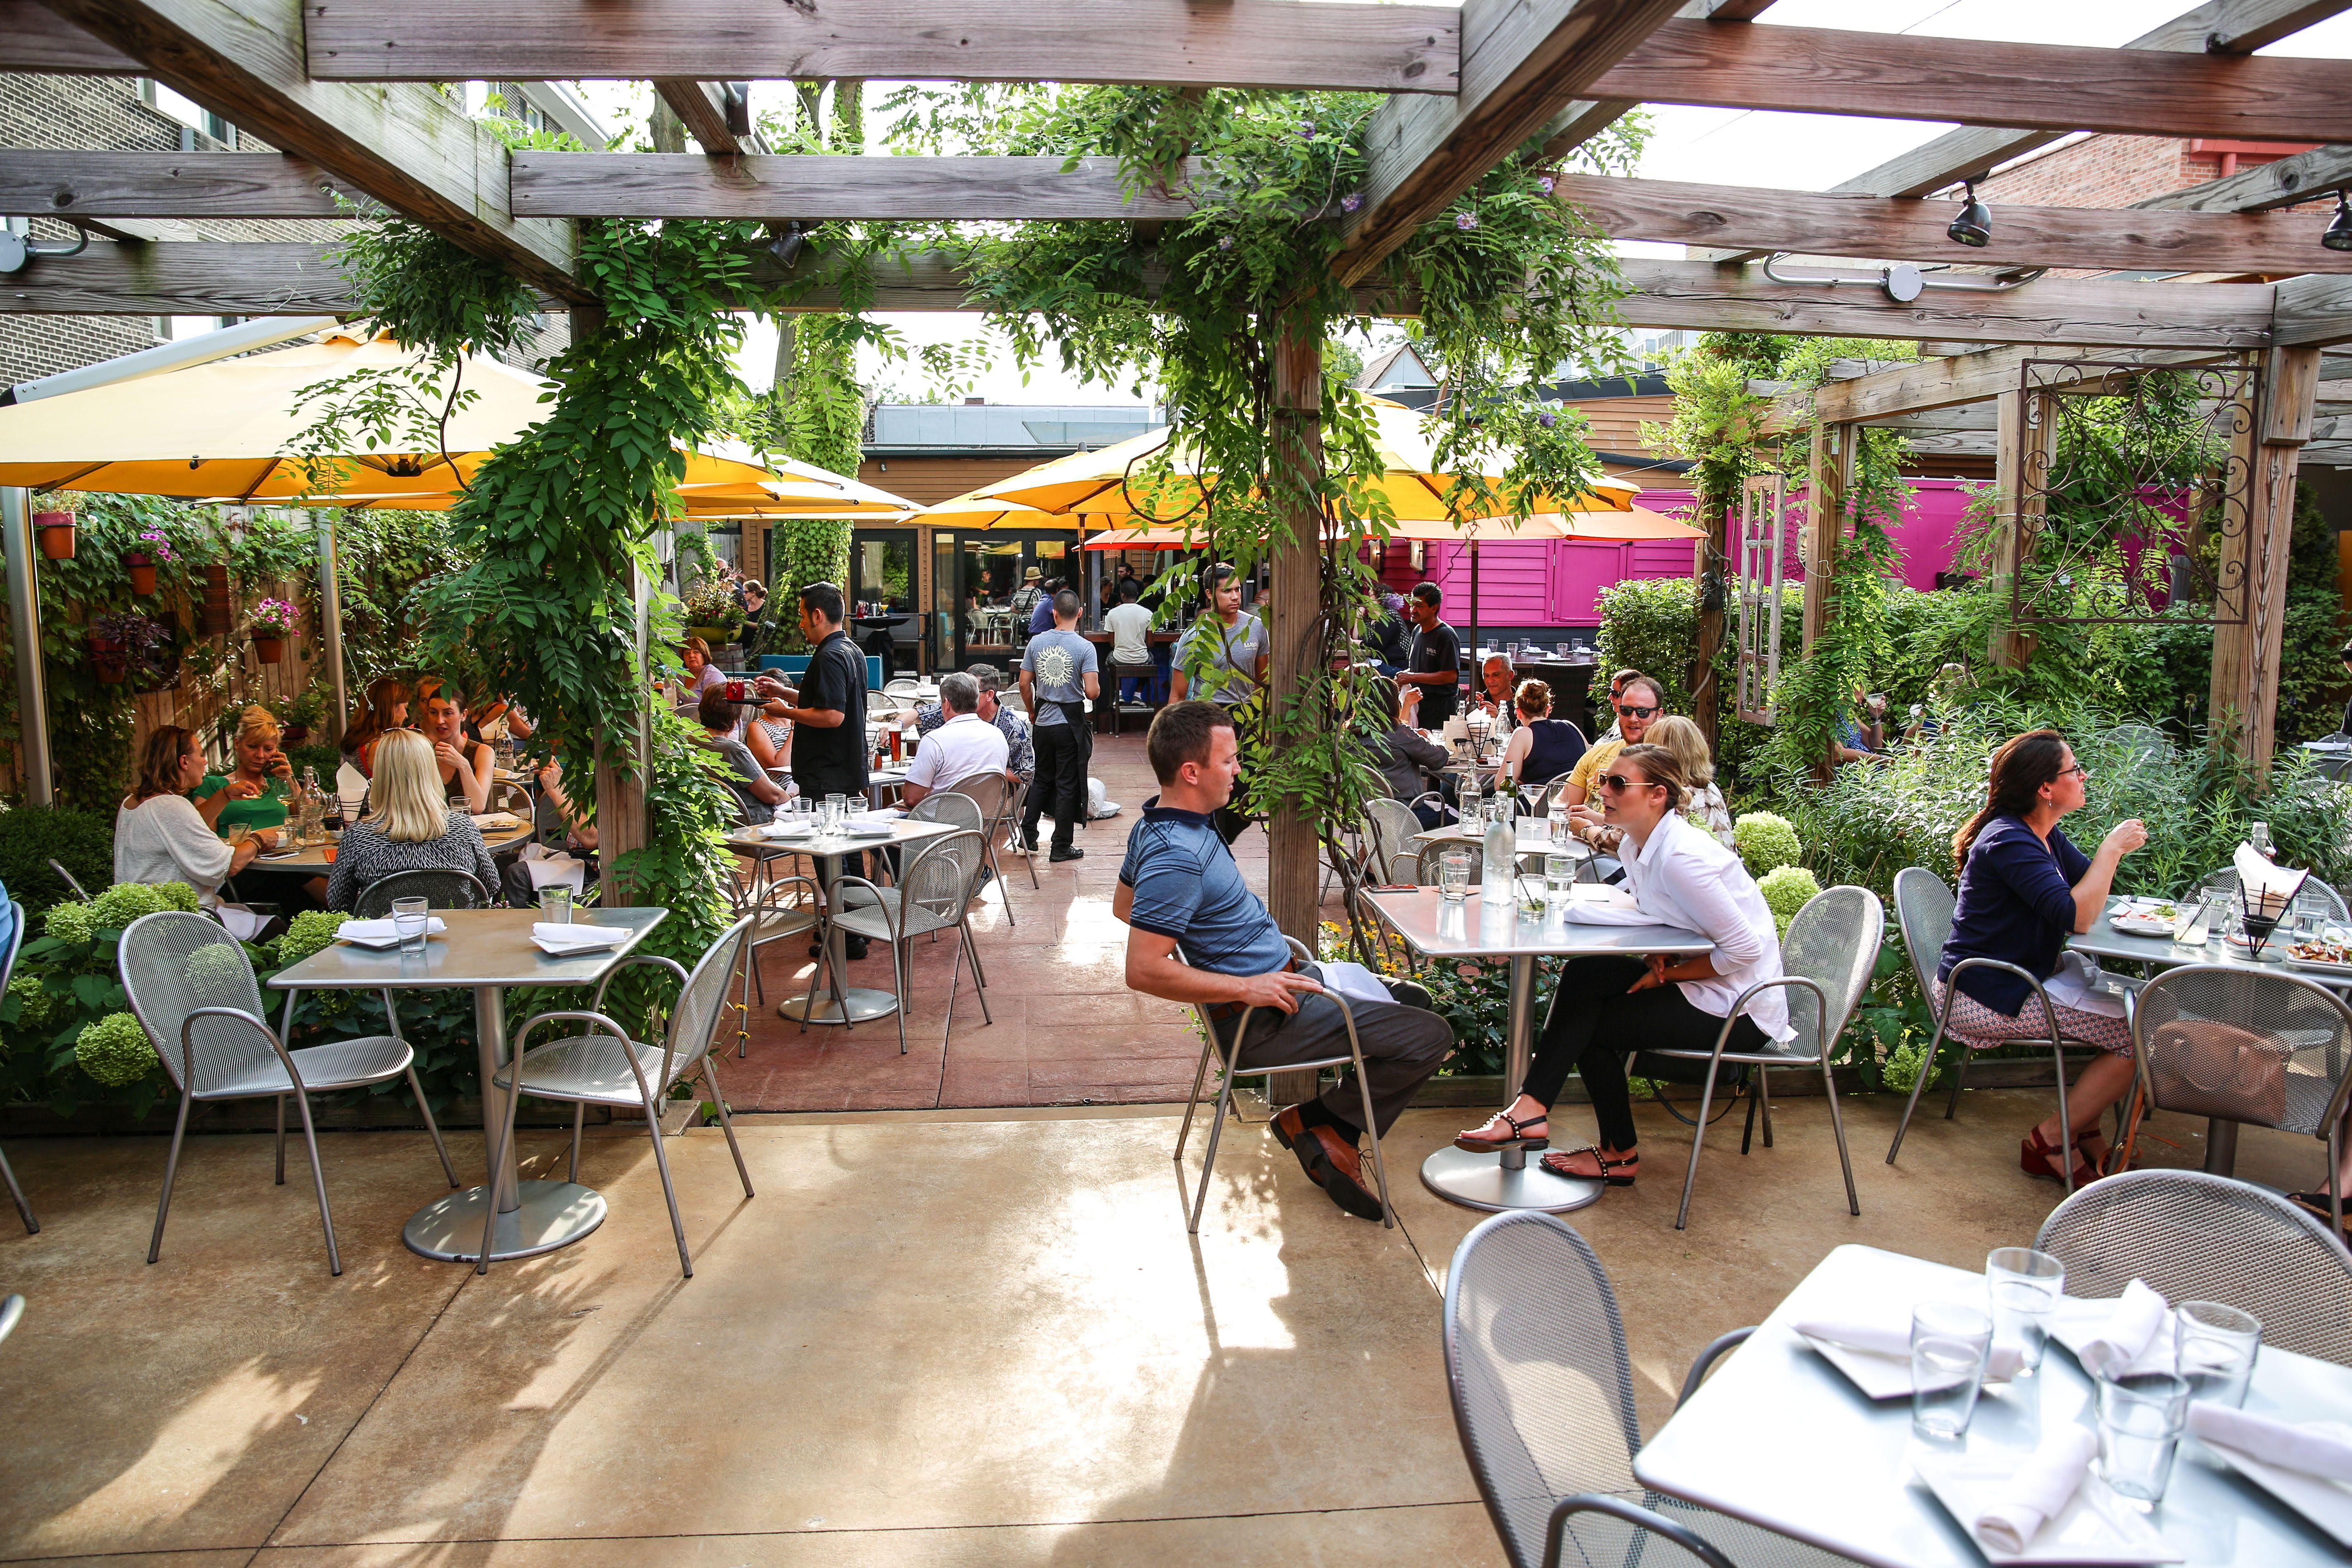 44509c8966b73f3f7d5b90a88c1eb7a0 - Best Beer Gardens In Chicago Suburbs